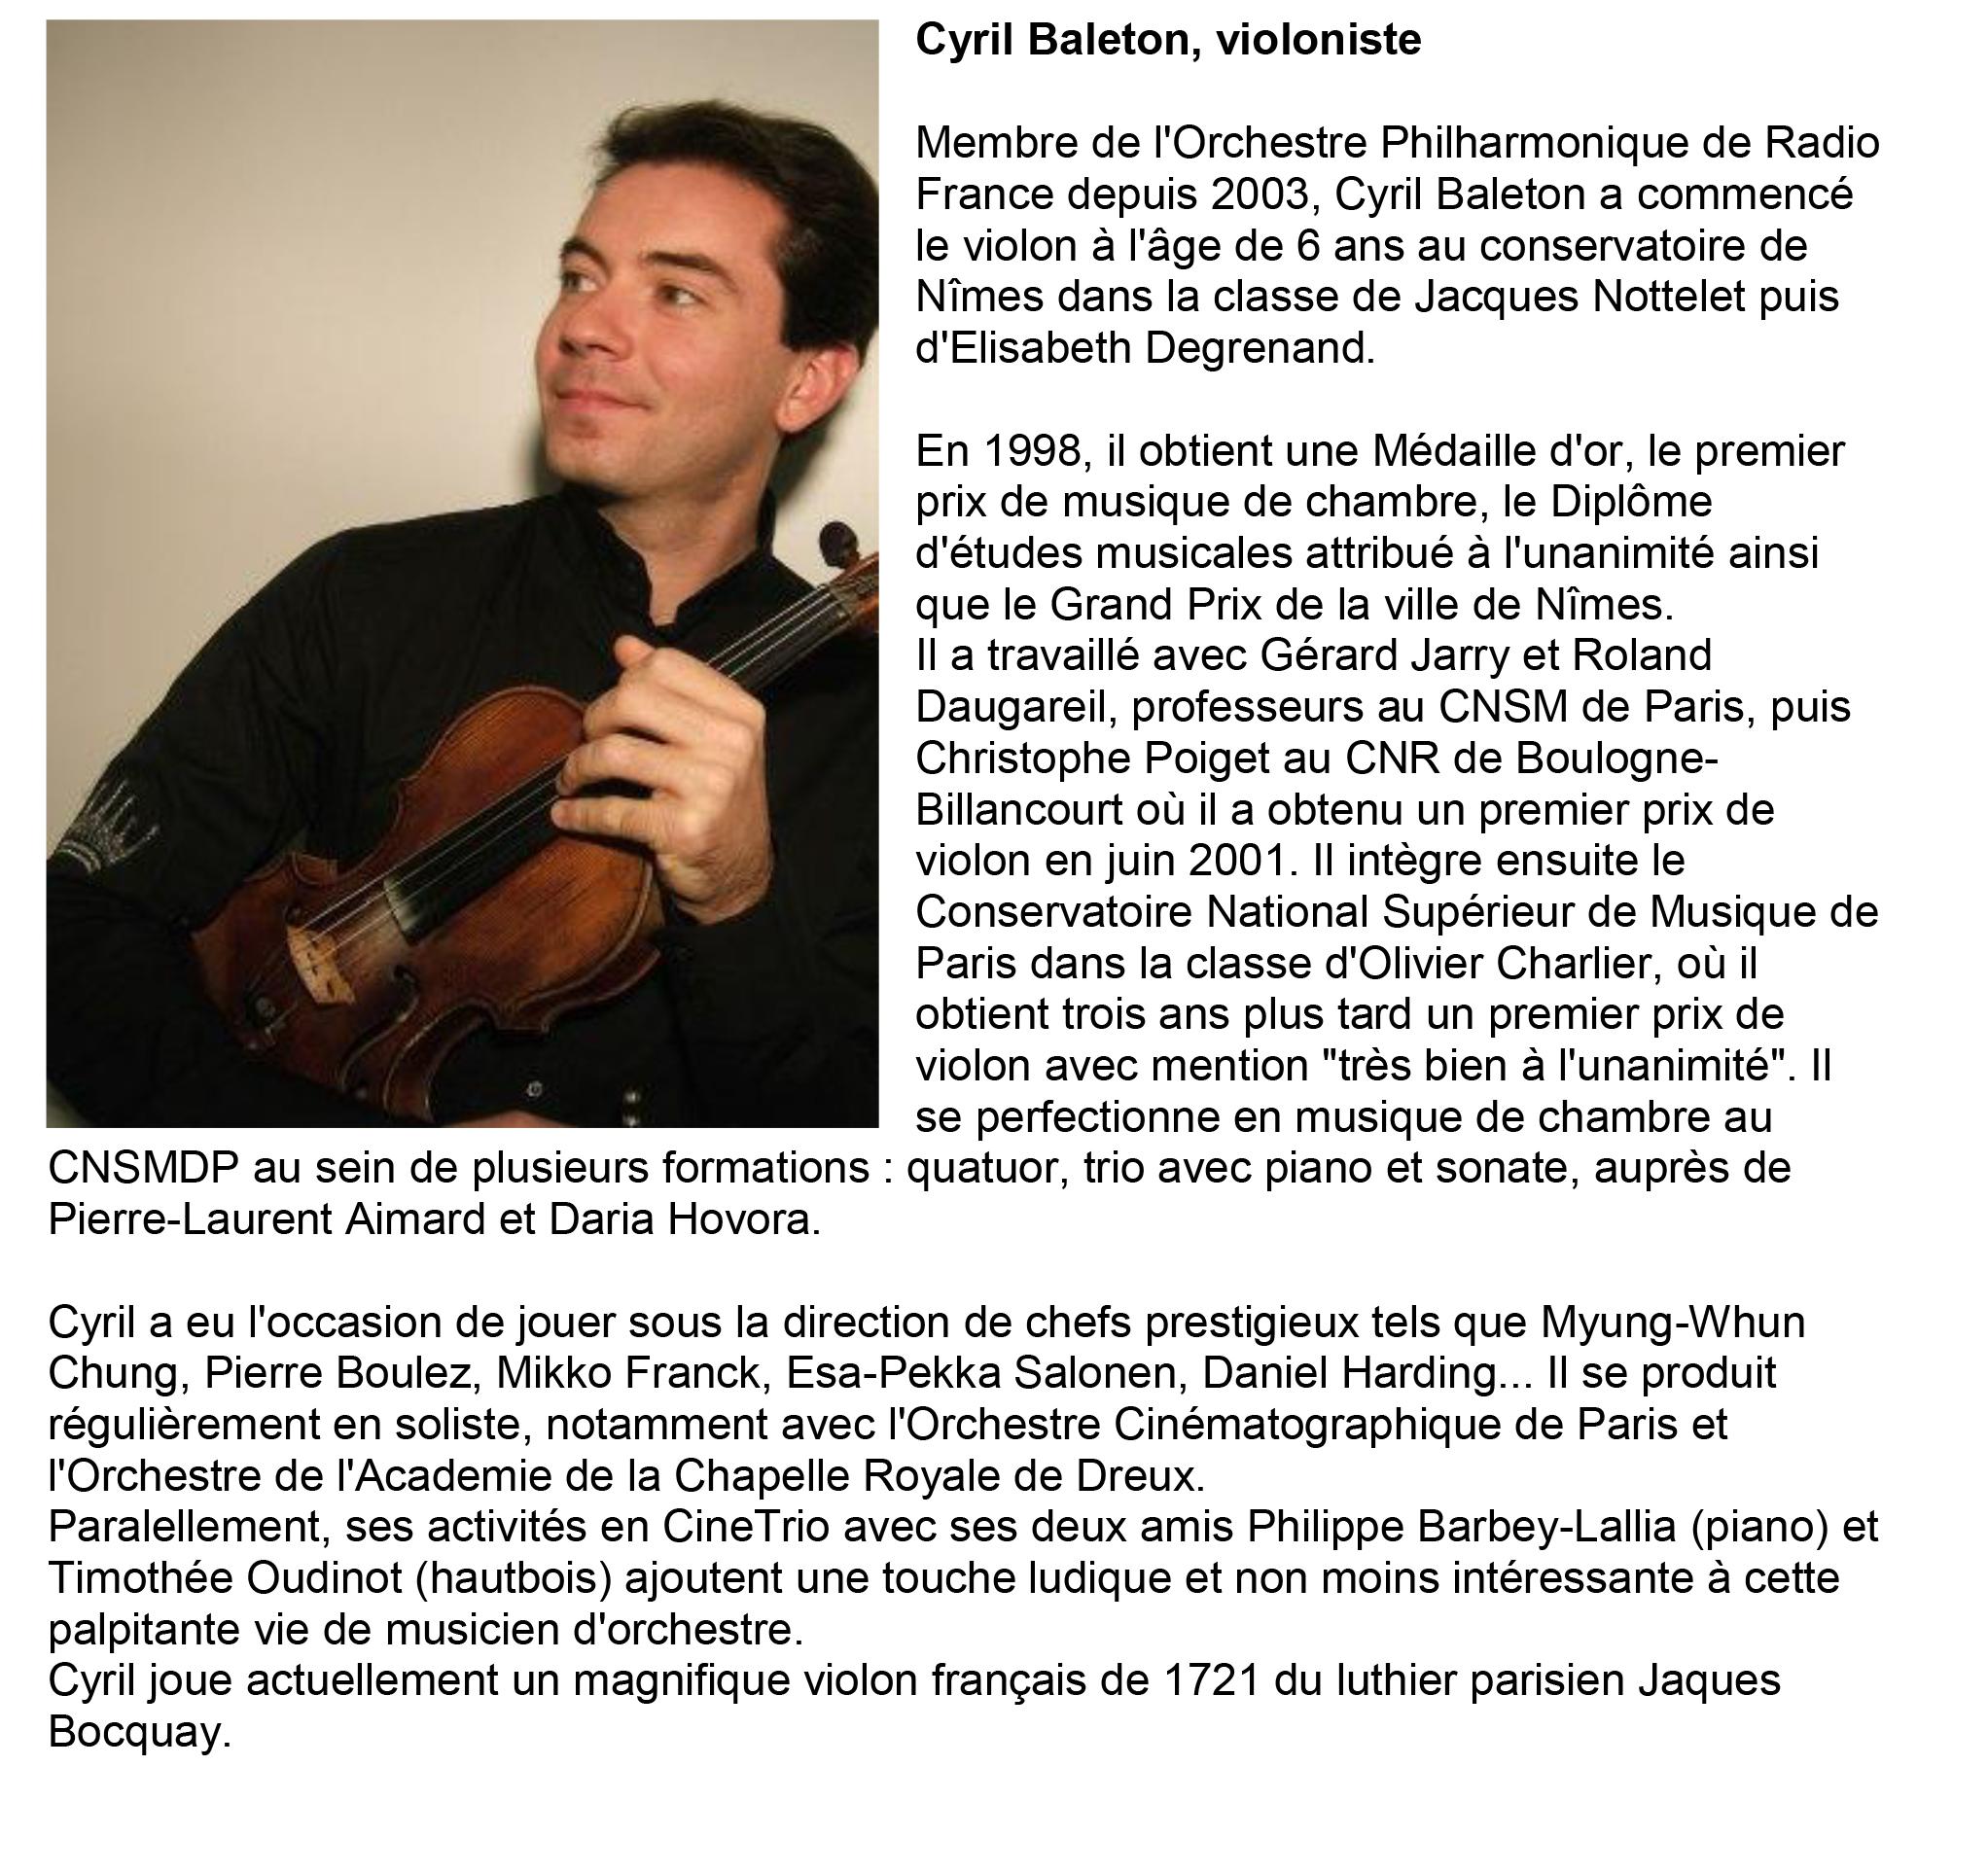 Cyril Baleton - violoniste